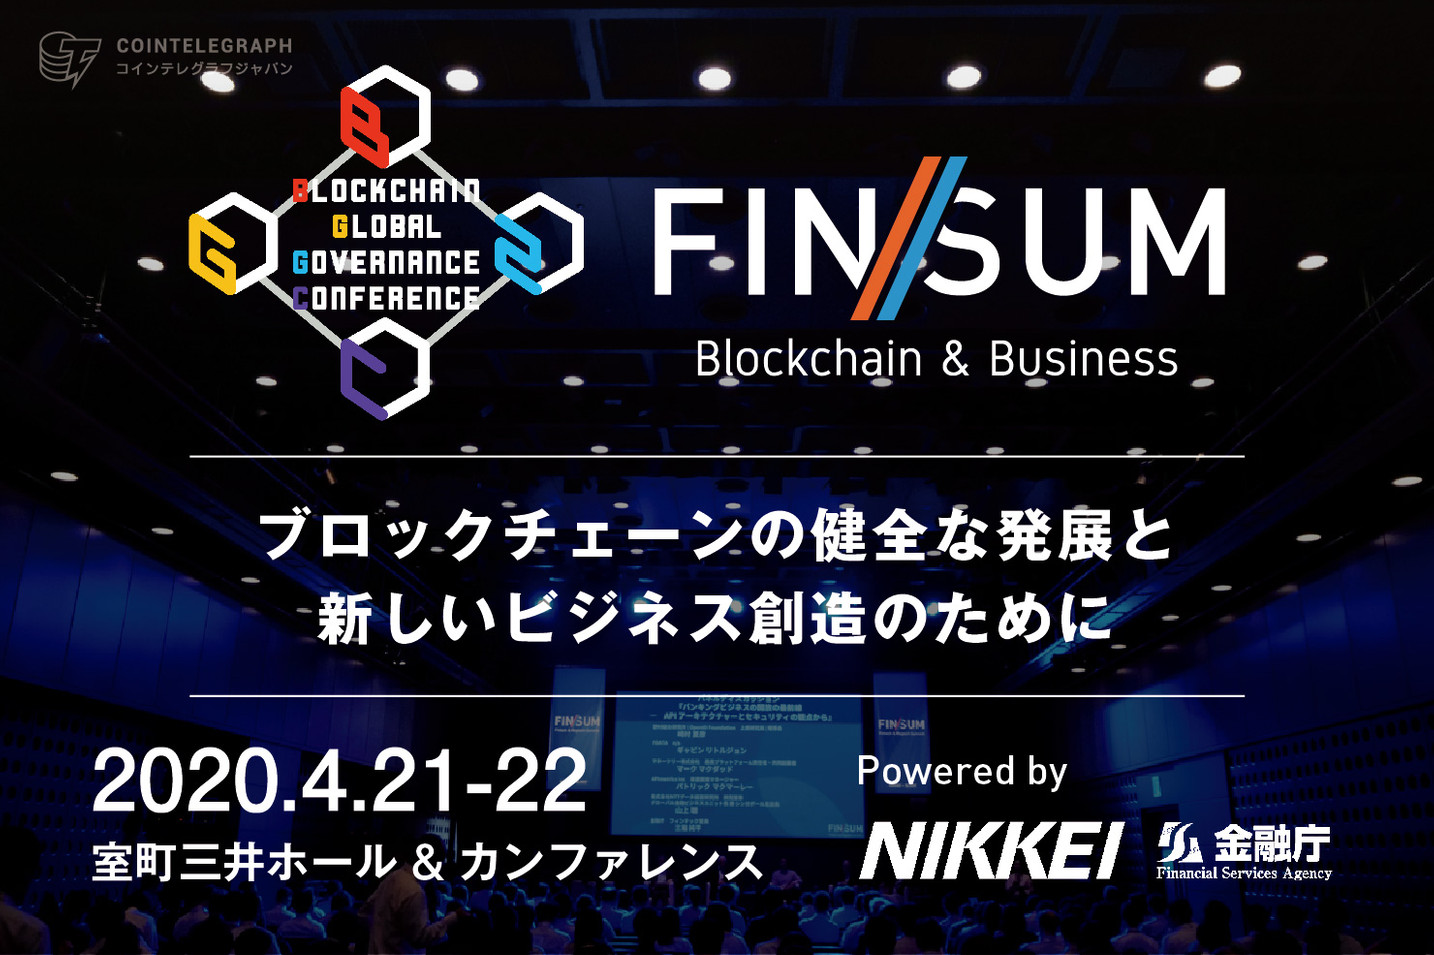 日経・金融庁主催のブロックチェーンサミット「FIN/SUM(フィンサム)」が4月に開催